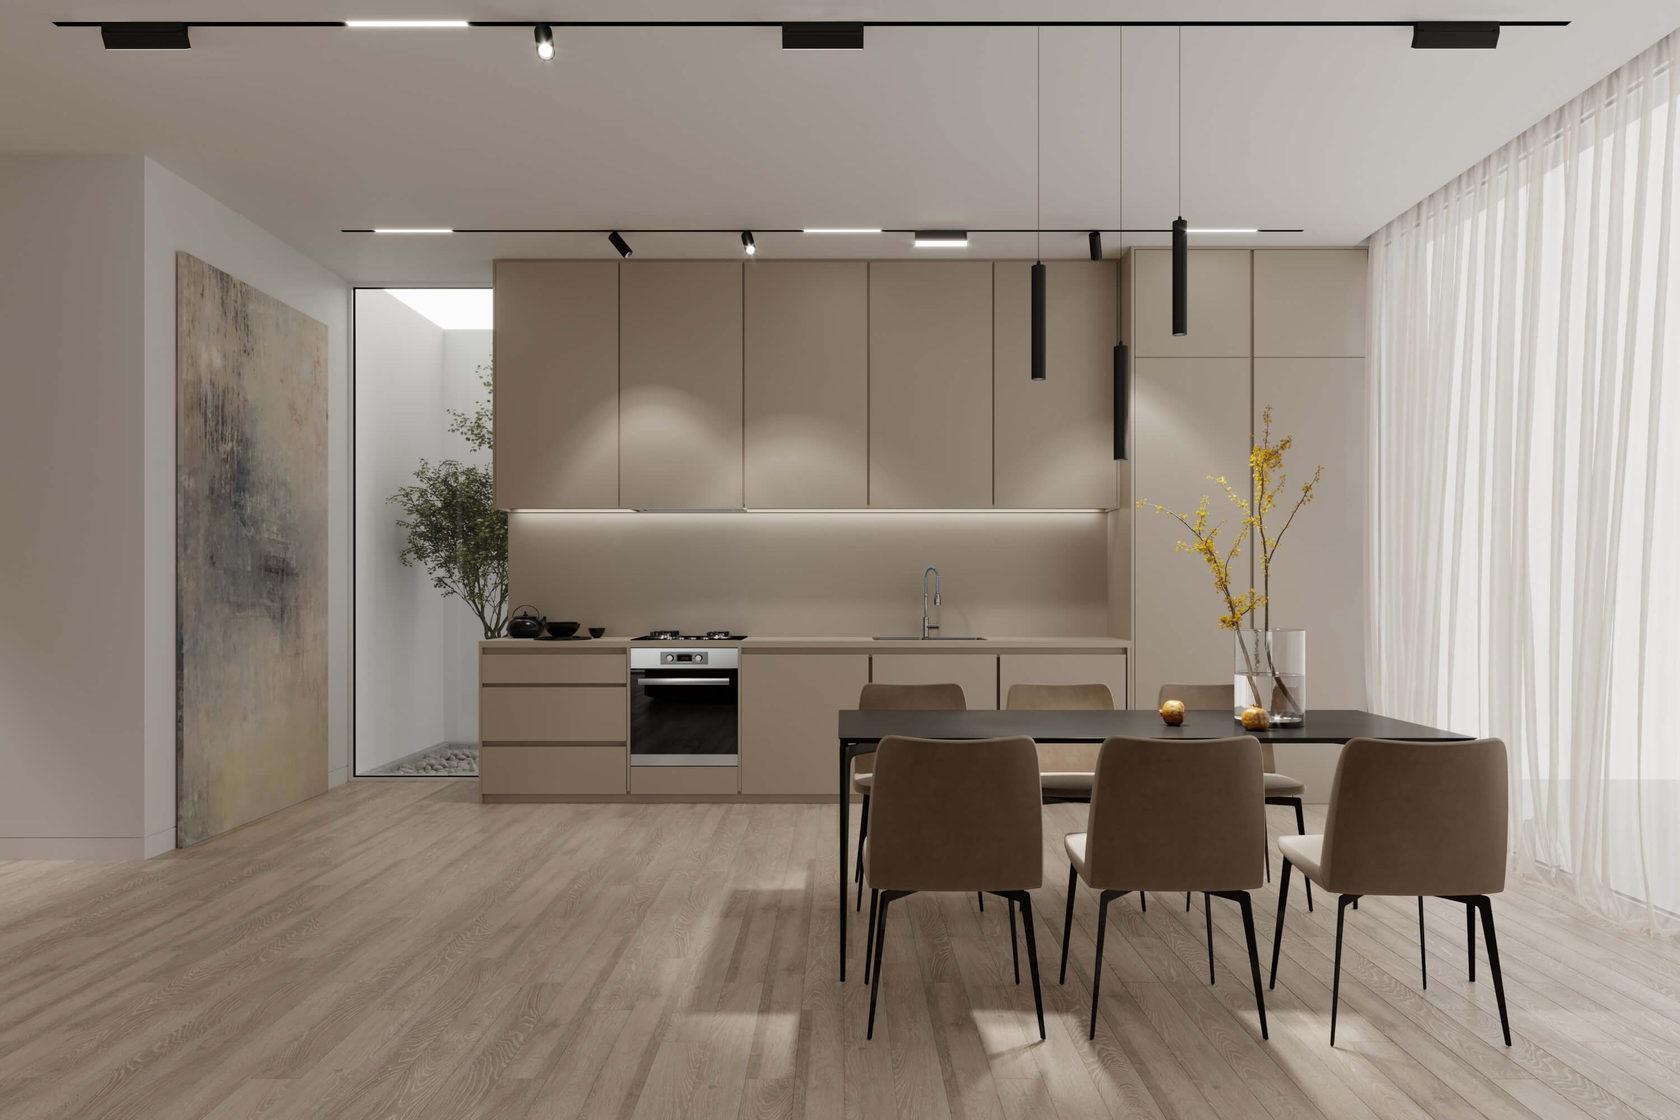 Трековые светильники (78 фото): идеи в интерьере дома и квартиры, что это такое, черные и белые модели на шинопроводе в стиле лофт